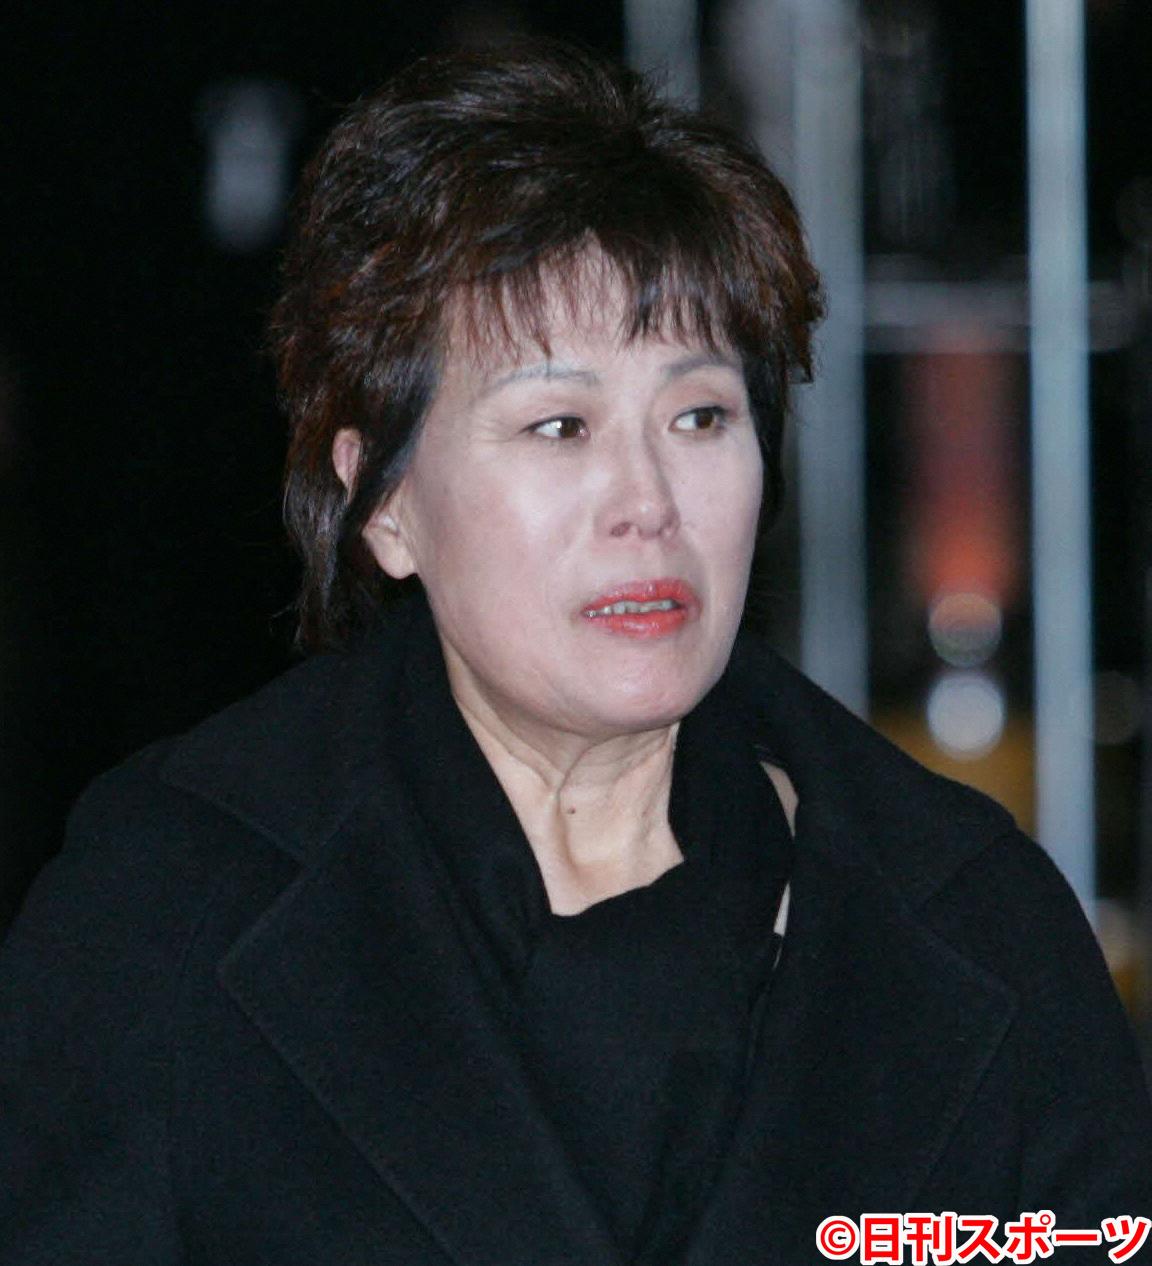 李麗仙さん(2006年3月撮影)